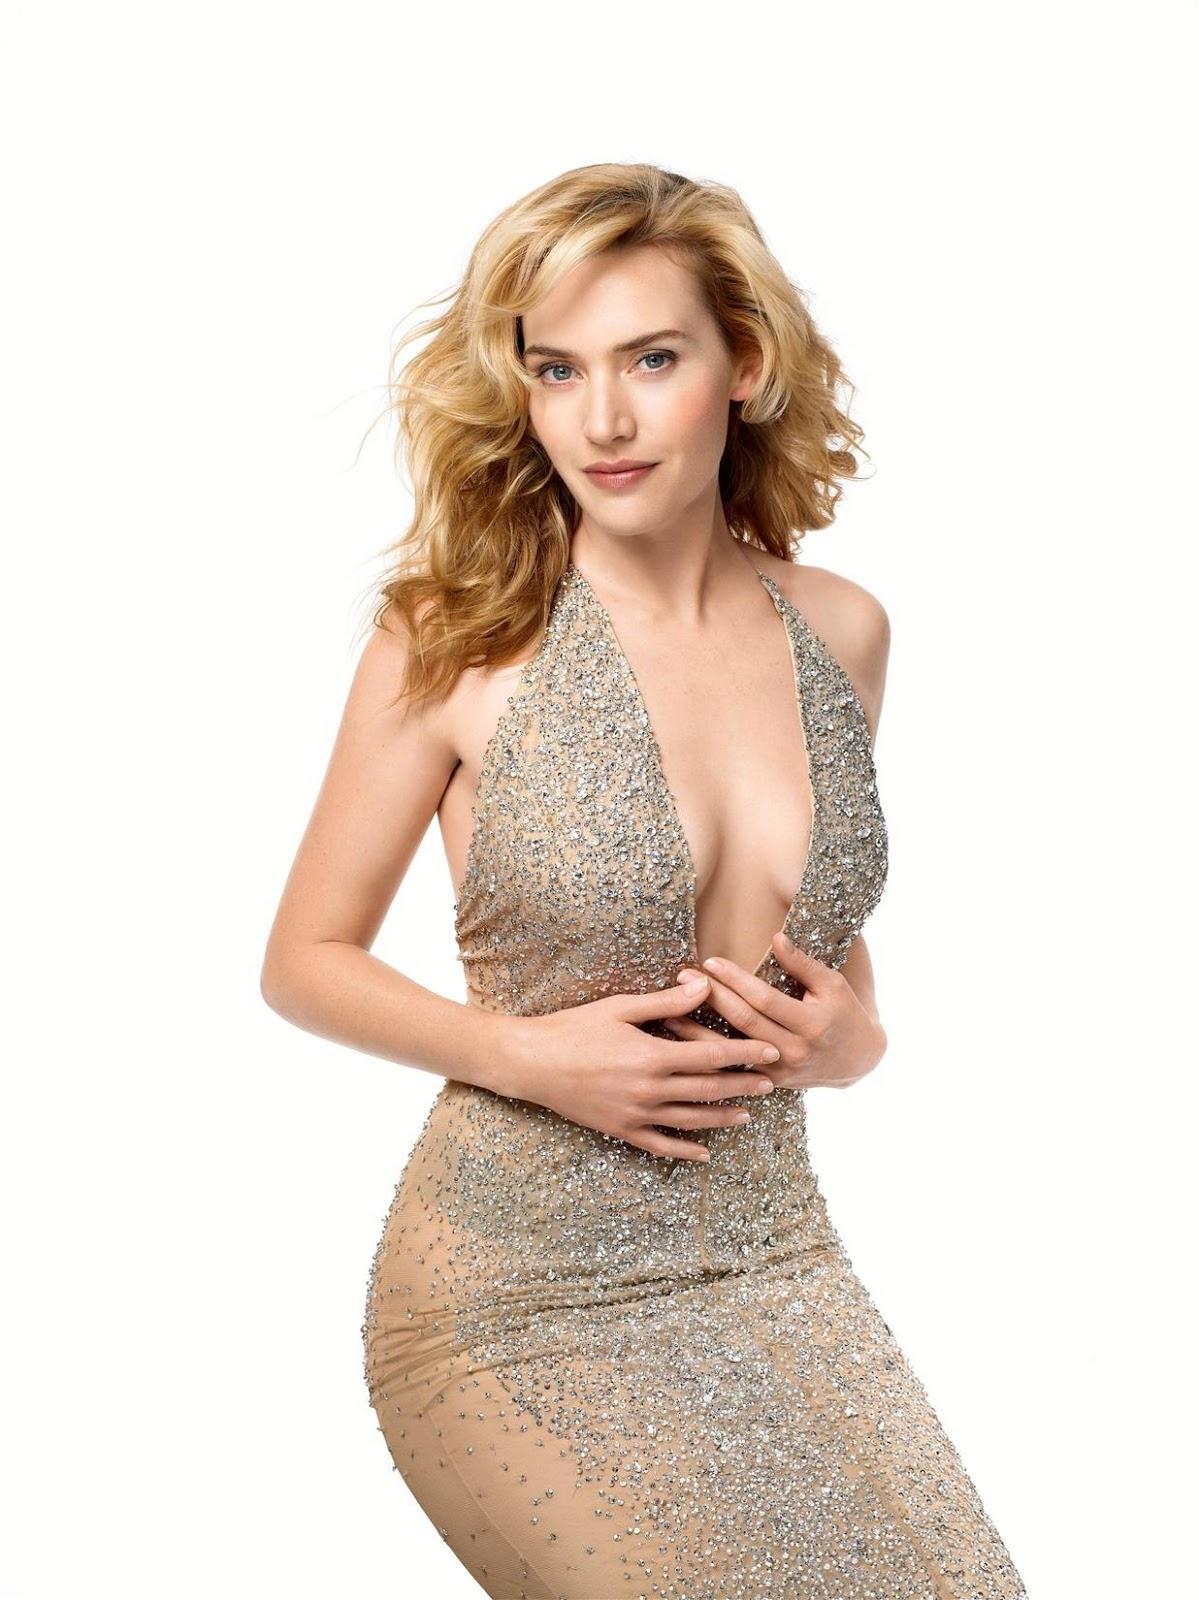 INDIAN ACTRESS: Hollywood actress Kate Winslet hot and ...